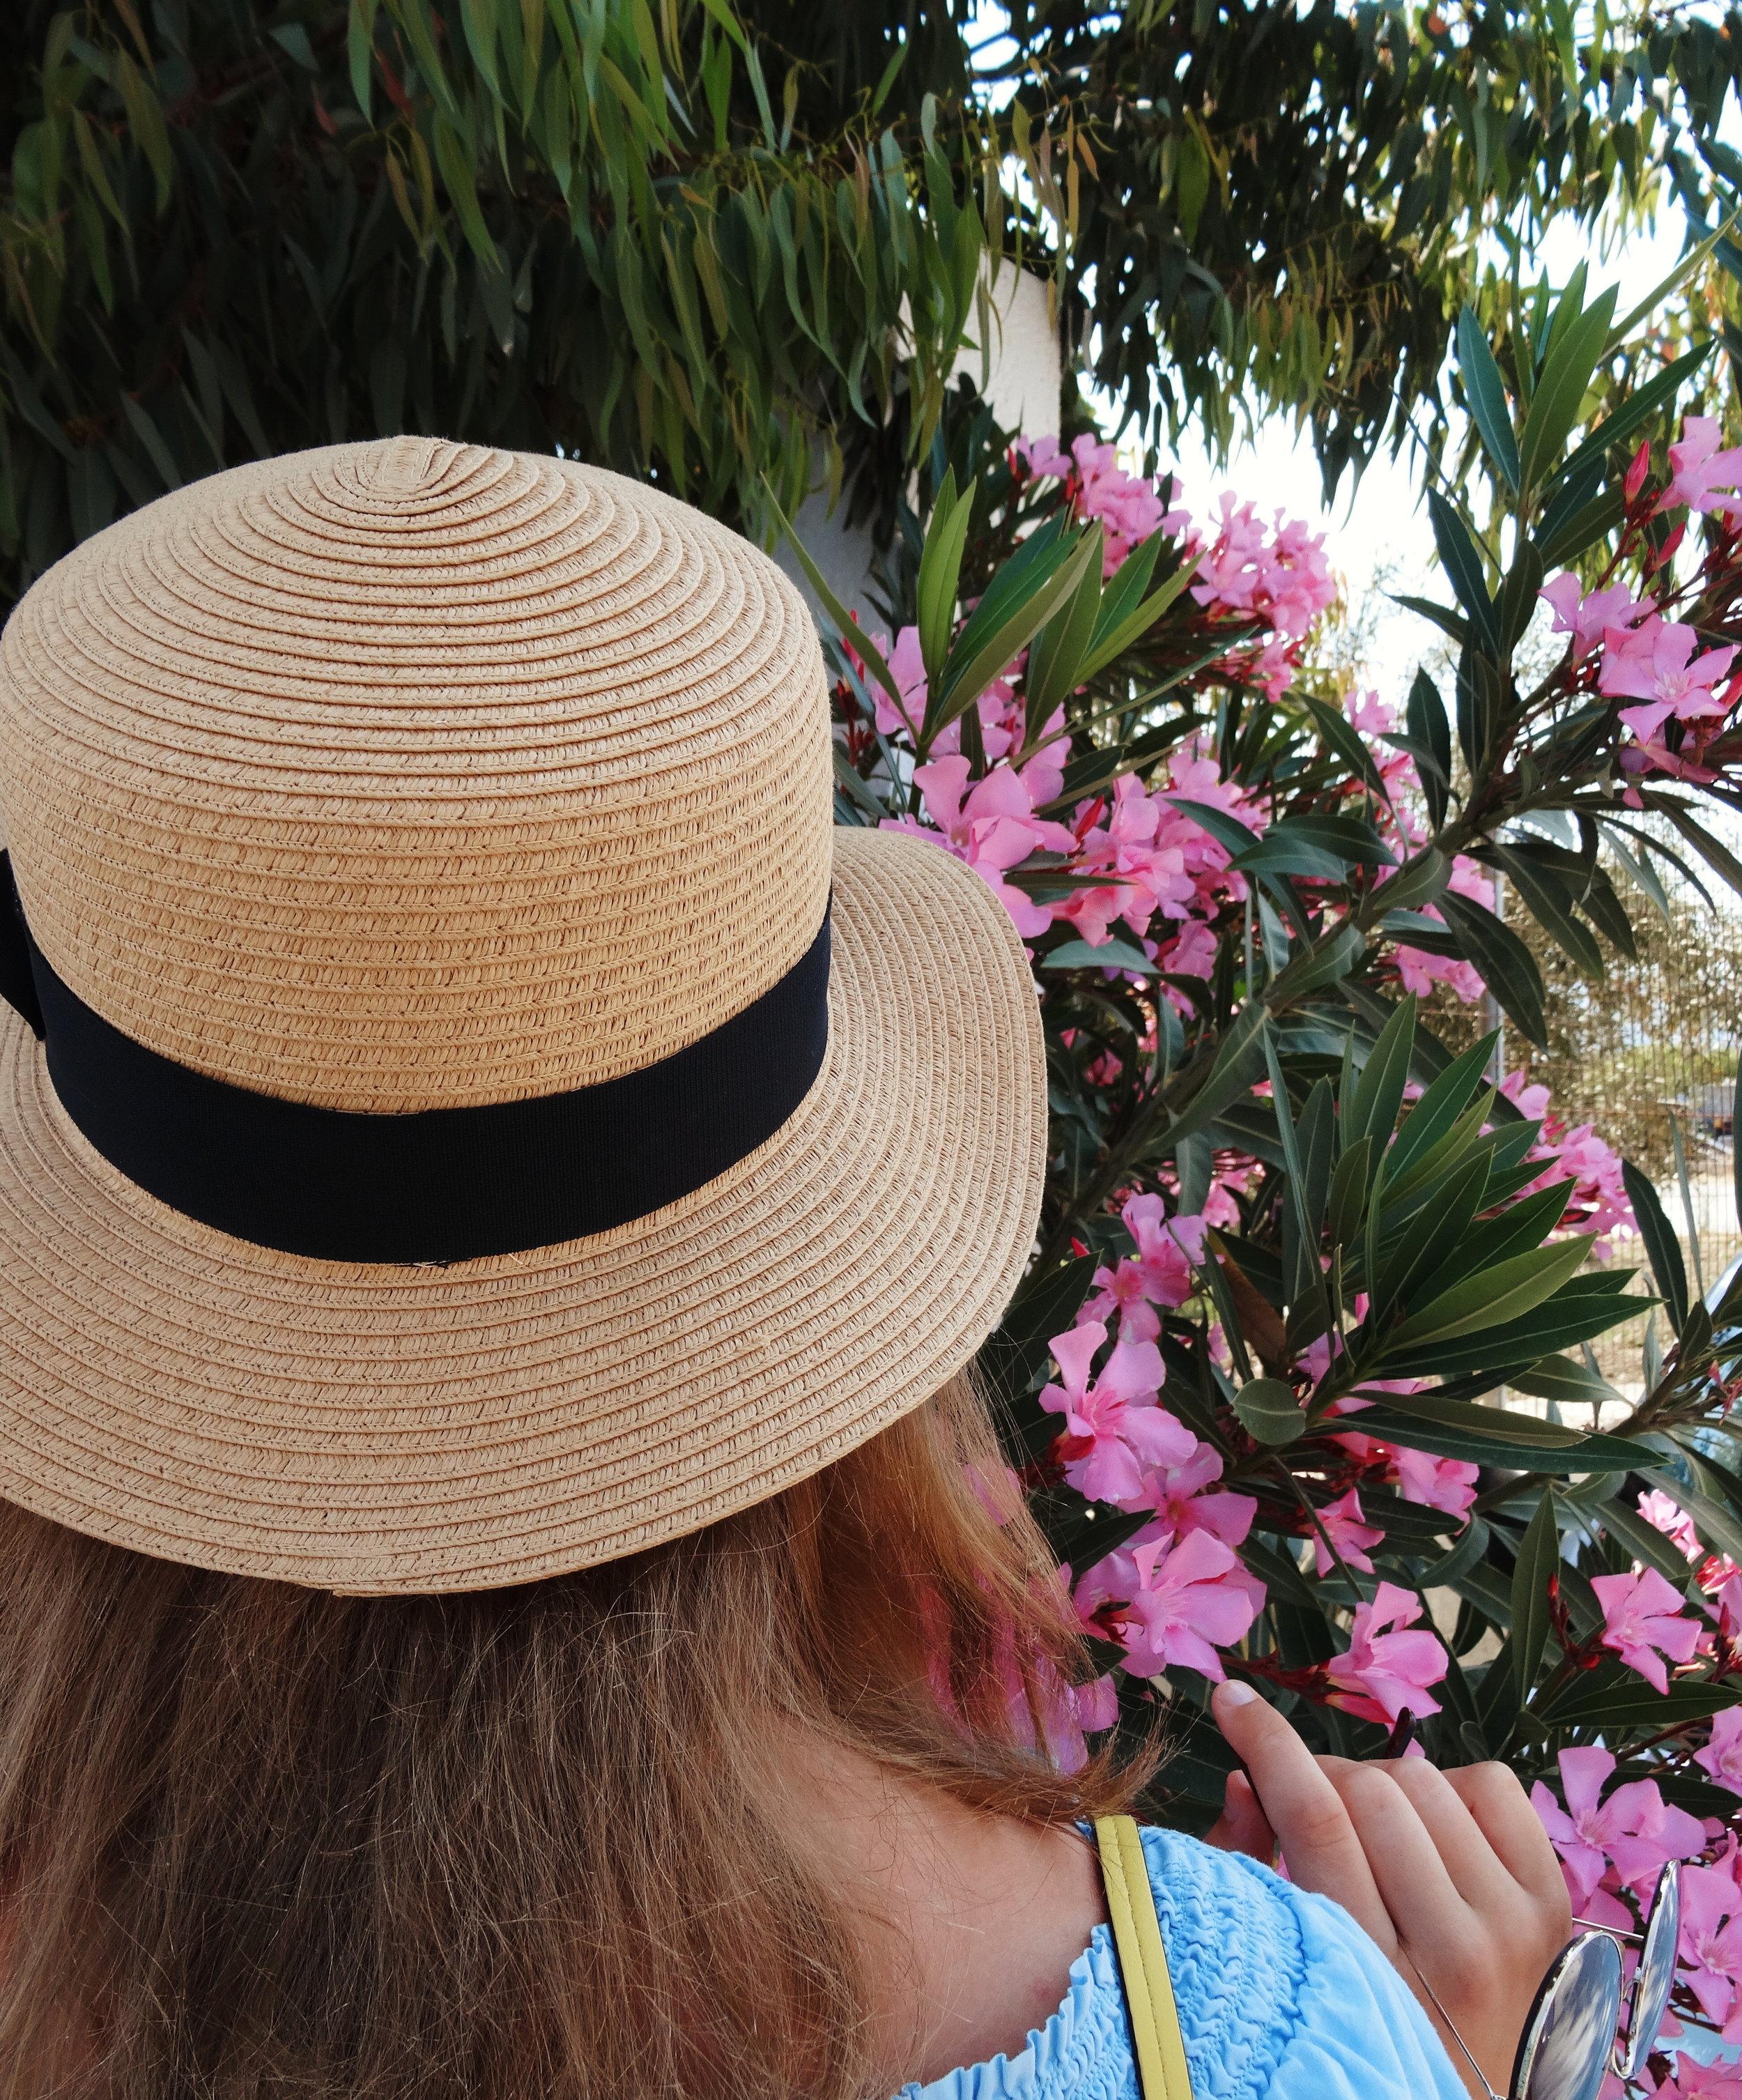 kos-kreikka-kokemuksia-kukka-mona-kajander-matkablogi